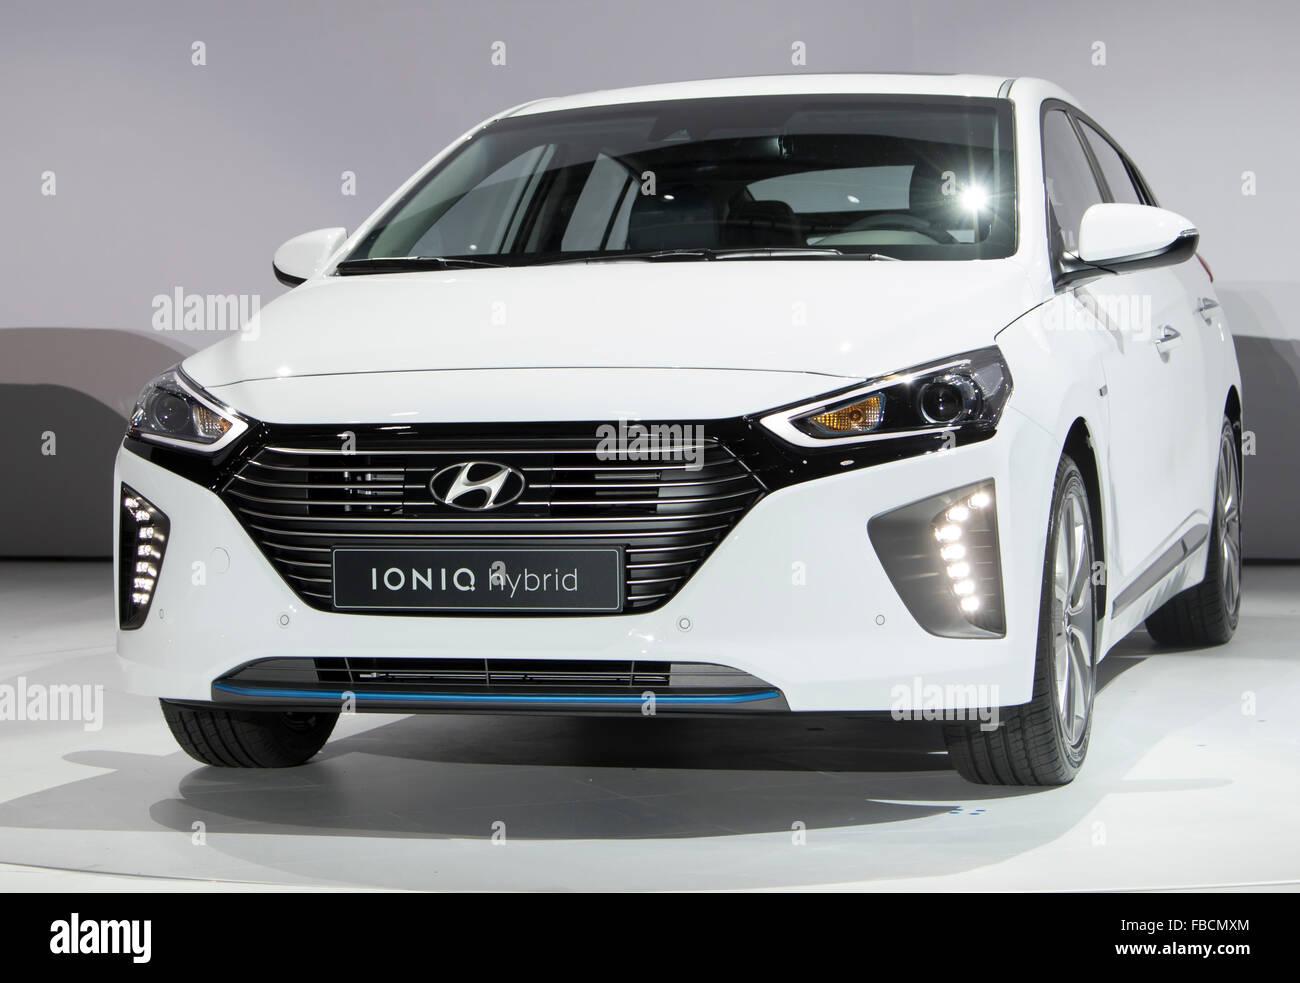 Híbrido Ioniq, Jan 14, 2016 : Hyundai Motor híbrido Ioniq es visto durante una conferencia de prensa en Imagen De Stock